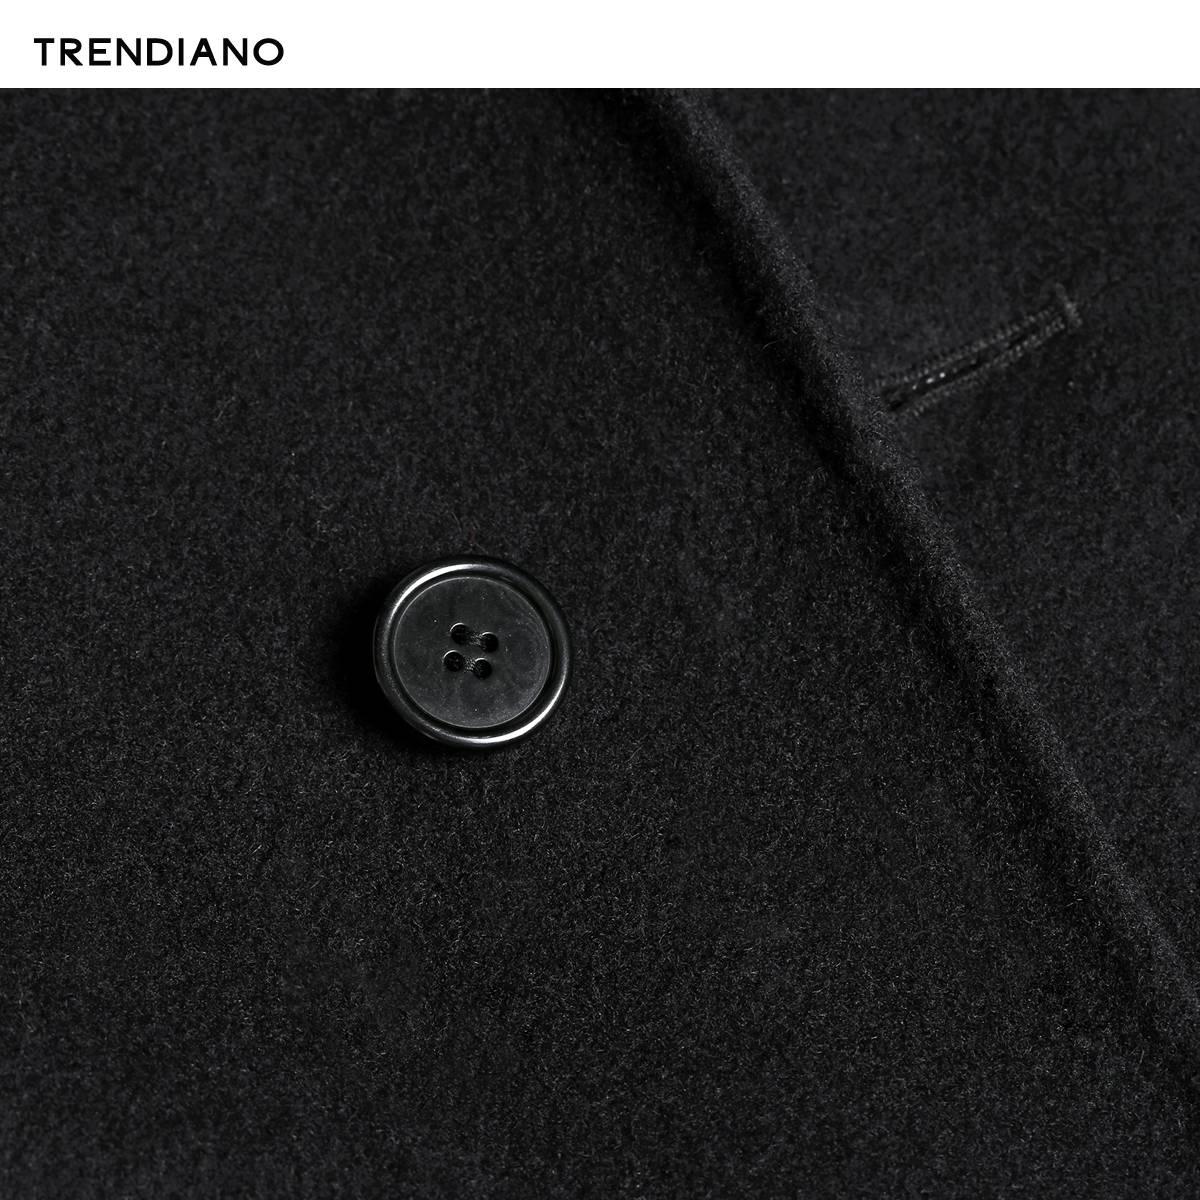 Men's coat Trendiano 3hc4341250 2016